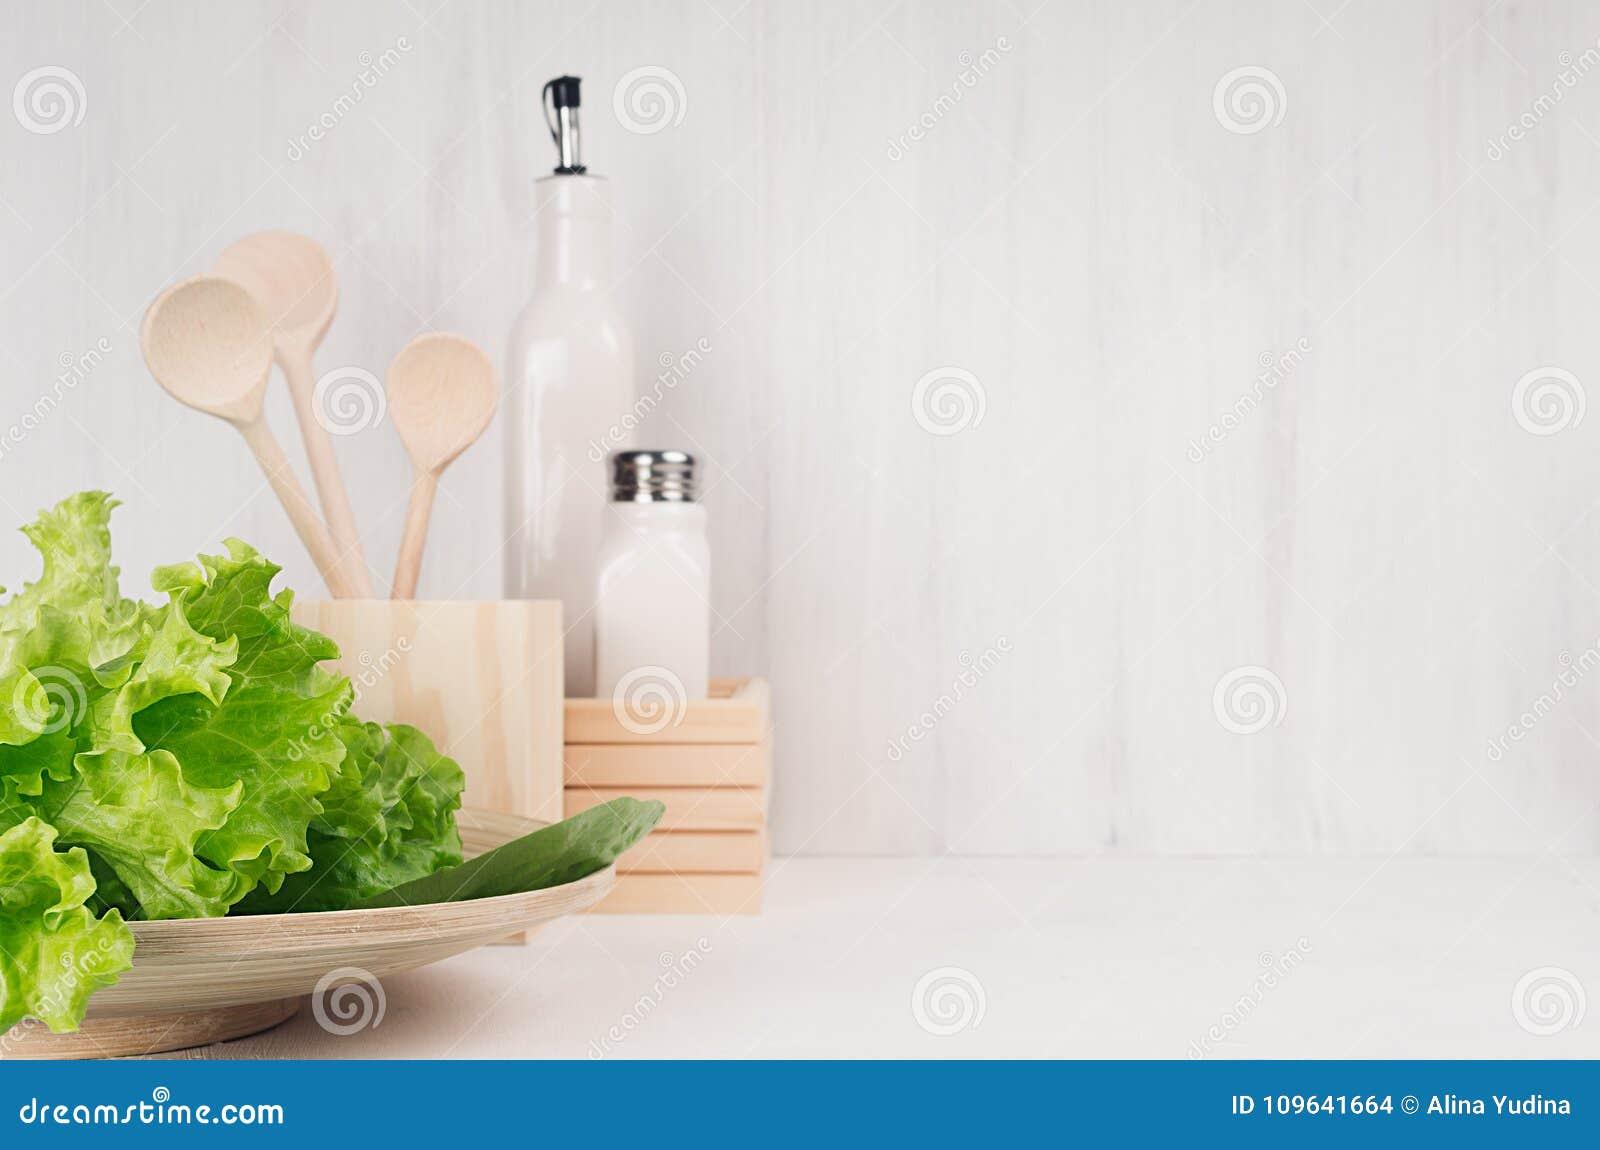 Άσπρο σύγχρονο ντεκόρ κουζινών με το μπεζ φυσικό ξύλινο πιάτο, εργαλεία, φρέσκια πράσινη σαλάτα στο ξύλινο υπόβαθρο